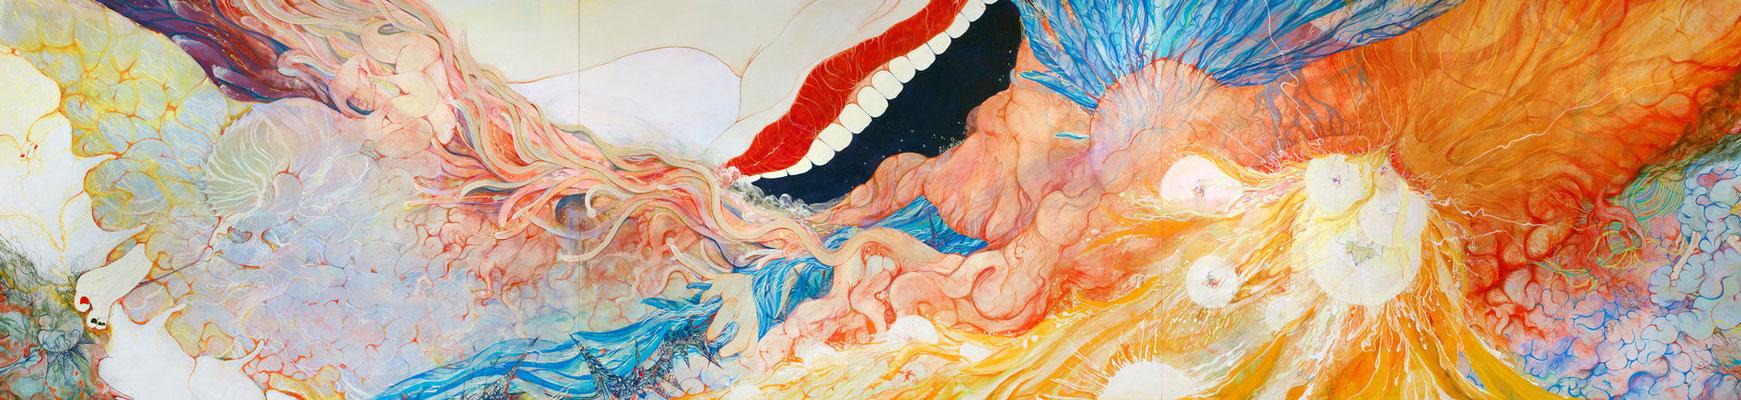 [恐らくそれが続くまで]     160cm×690cm   麻紙に岩絵具                                                                                                                [Maybe, untill continues  Icall the wind or To call the wind]    Pure pigment on Japanese Paper